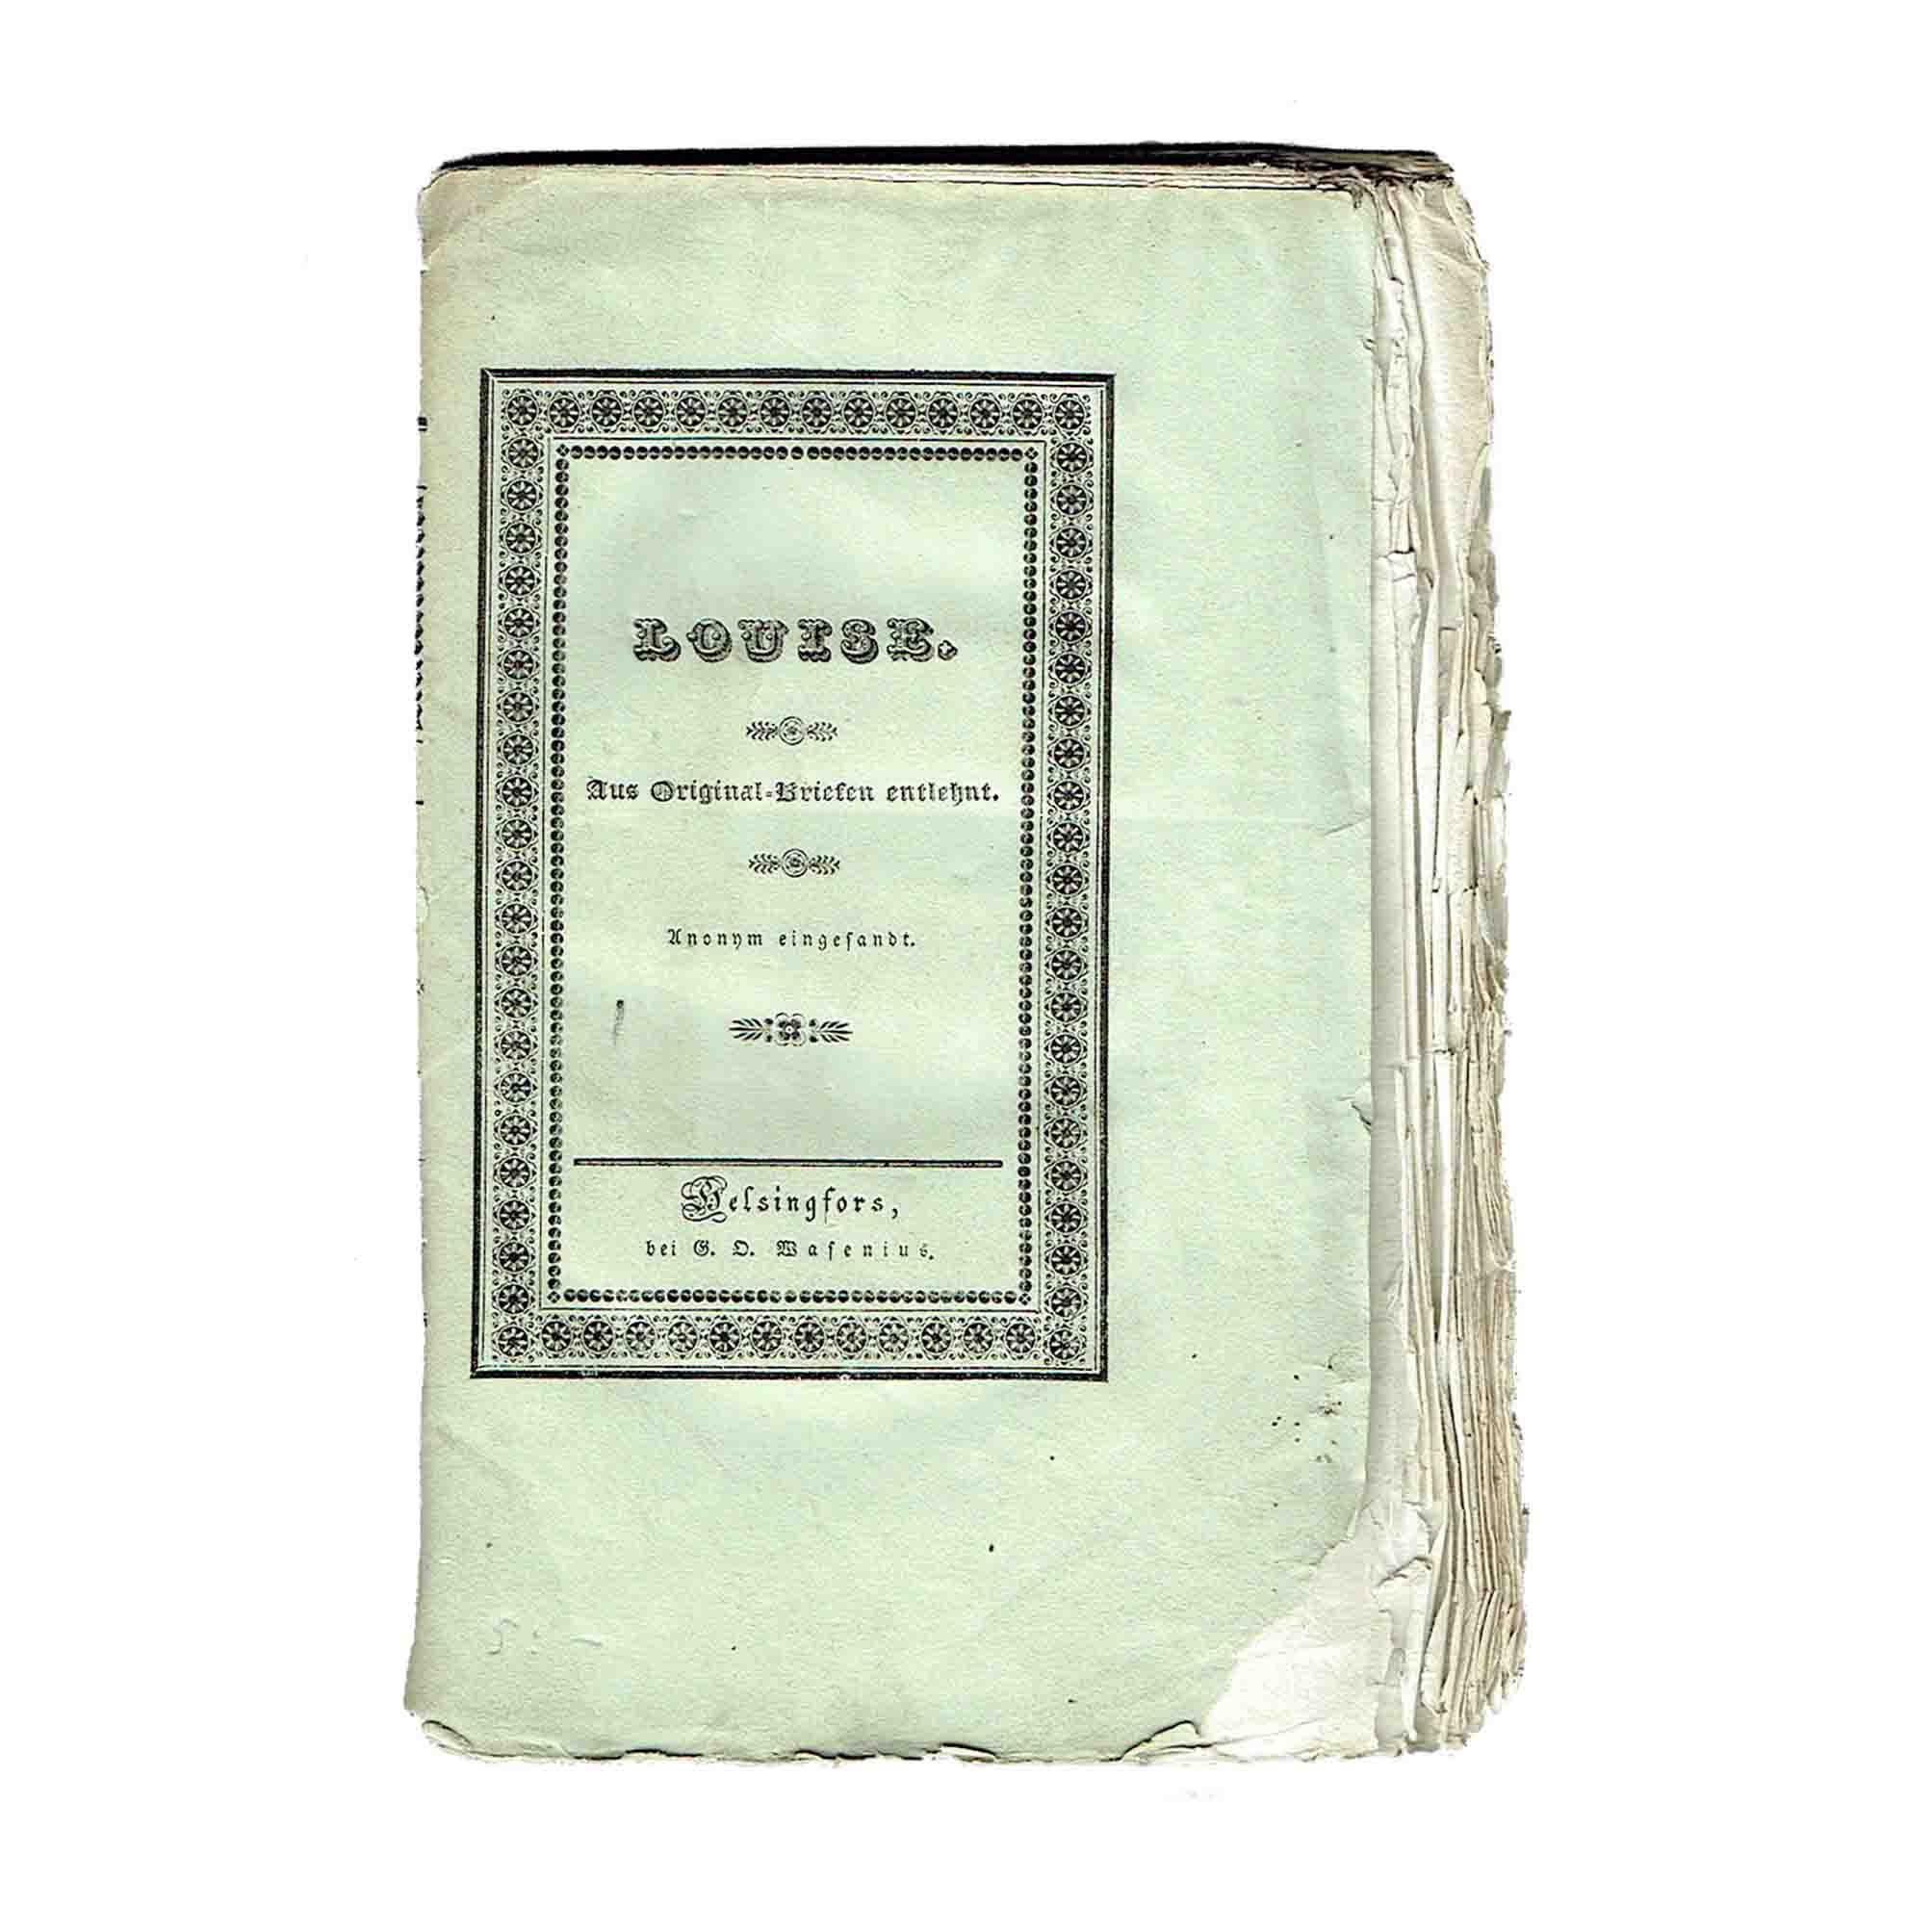 6055 Anonym Louise Helsinki 1835 Umschlag frei N